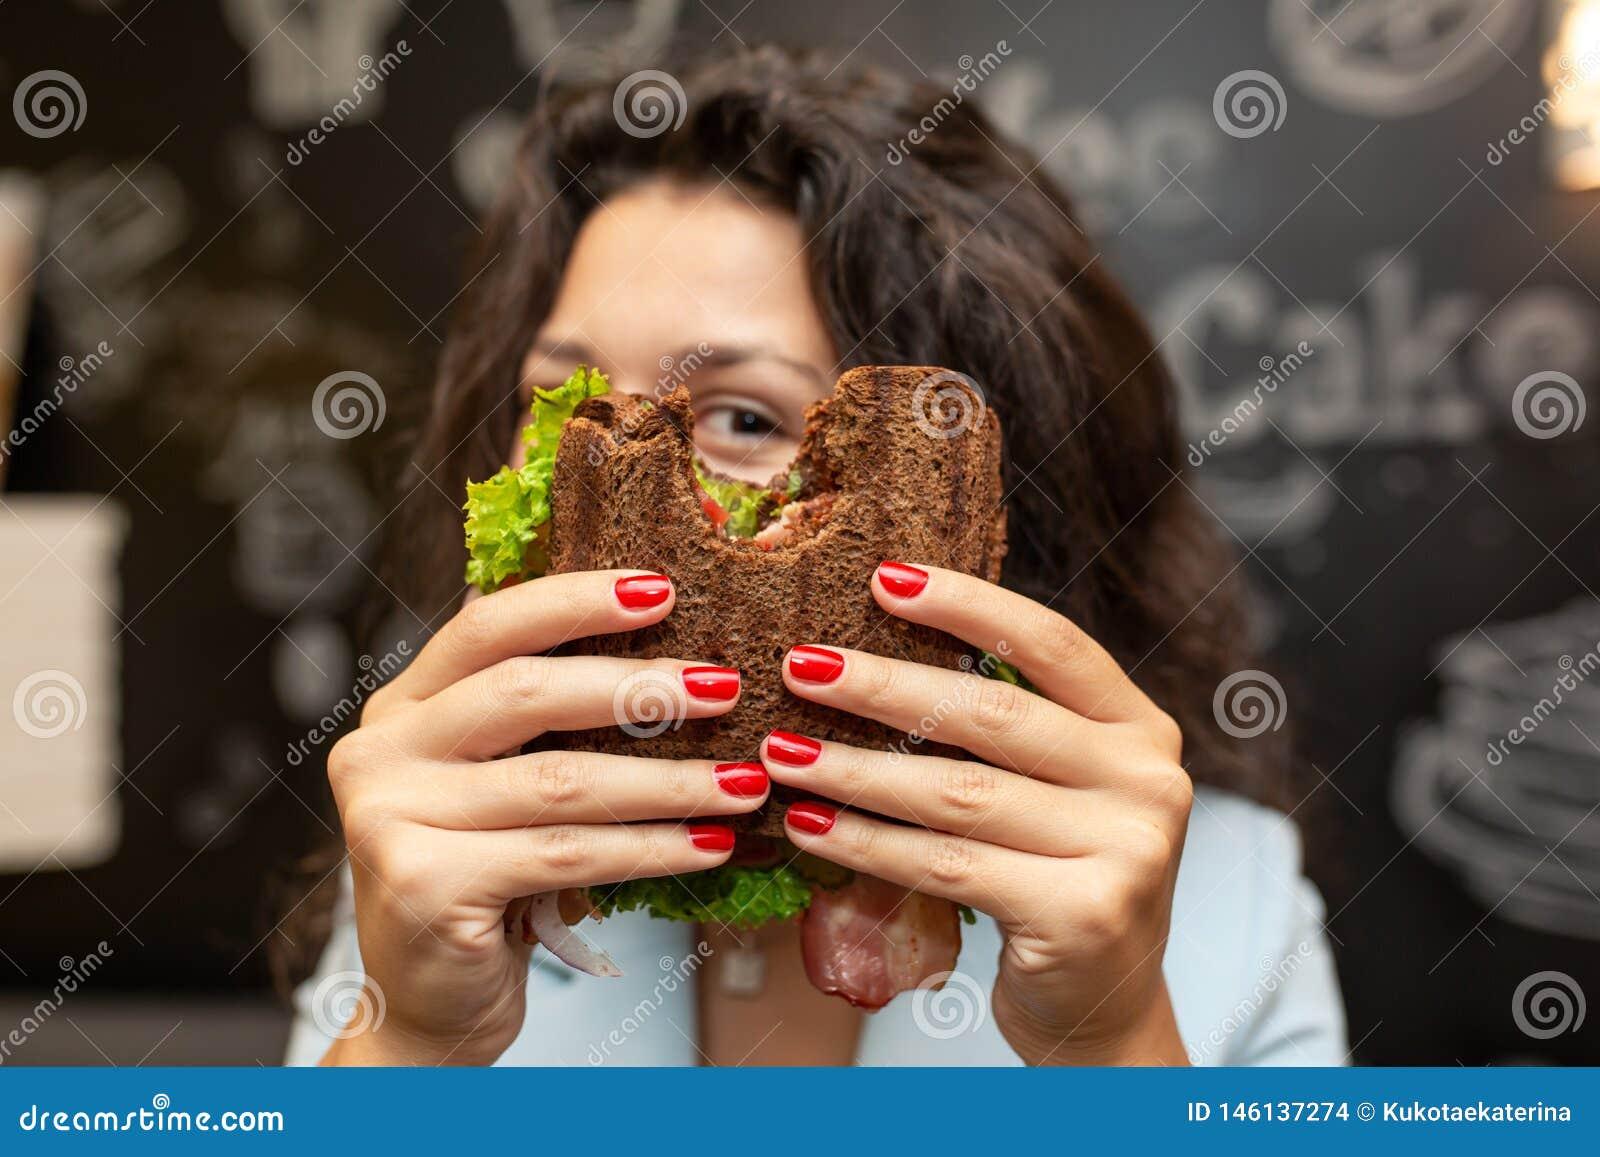 Portrai der jungen kaukasischen brunette Frau, die durch gebissenes Sandwich schaut